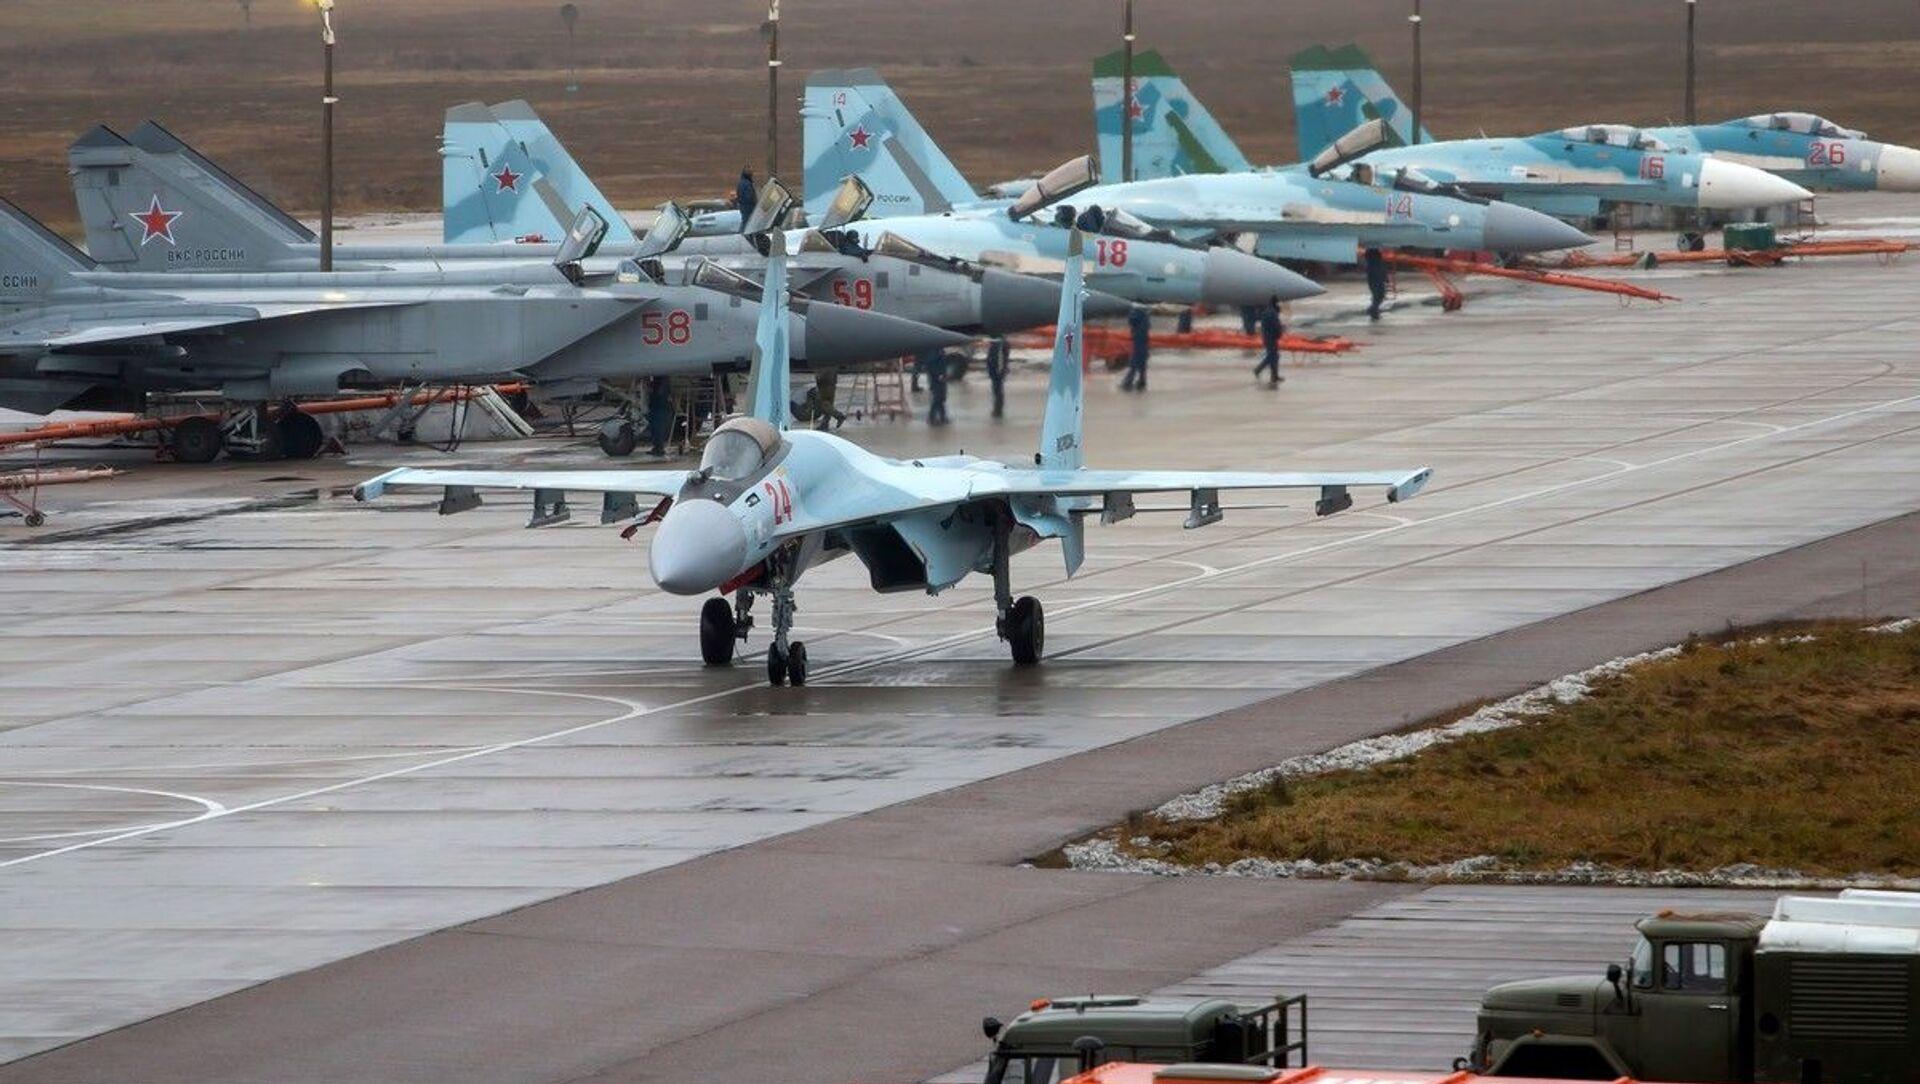 Loty szkoleniowe Su-35 i MiG-31 w obwodzie twerskim - Sputnik Polska, 1920, 06.05.2021